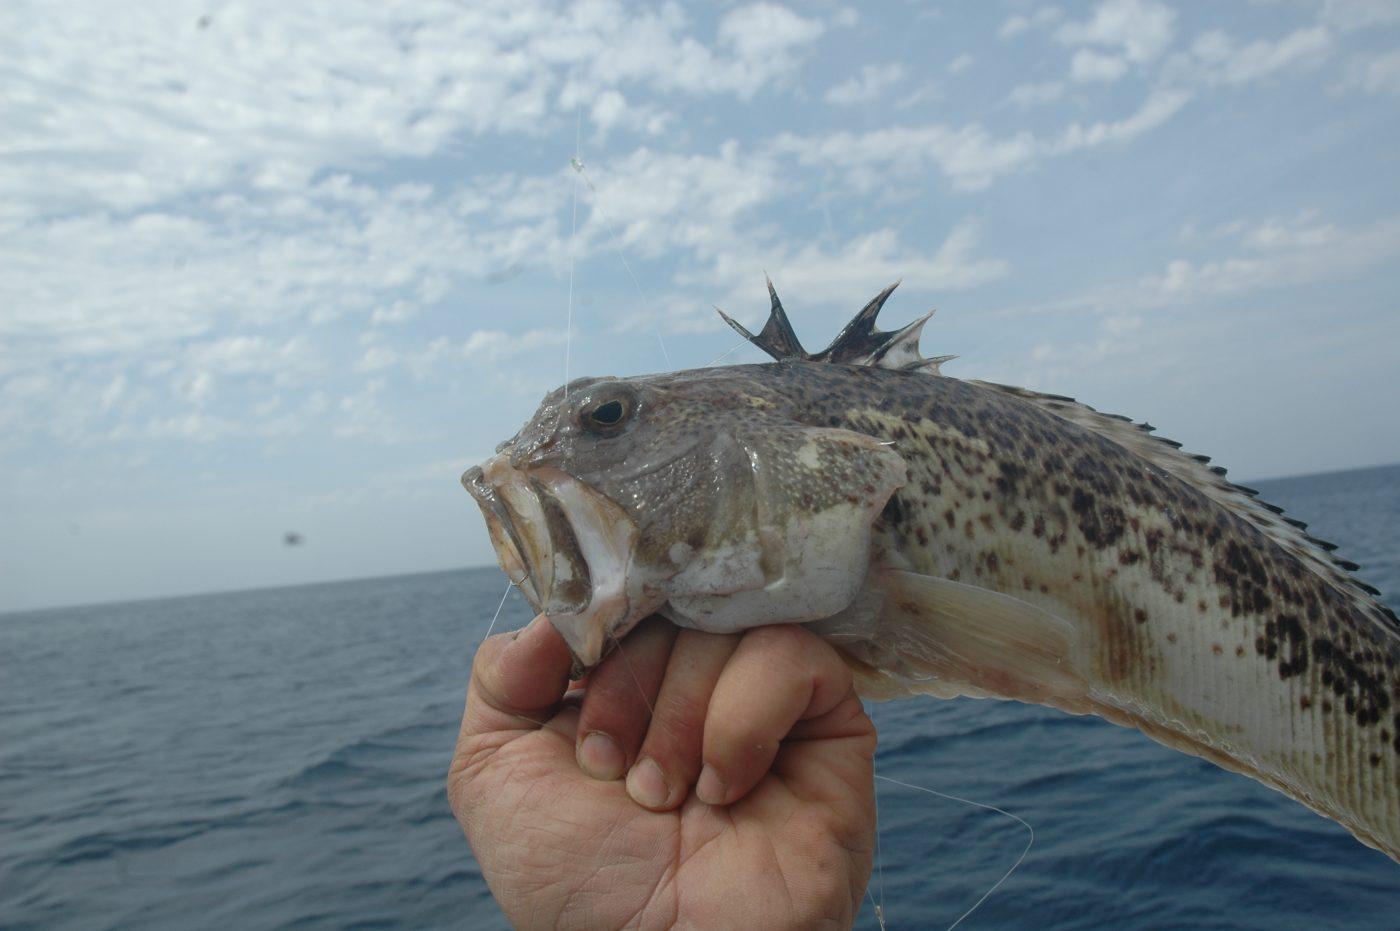 Nella foto una tracina drago appena pescata. Si nota con estrema visibilità la pinna dorsale con gli aculei velenosi